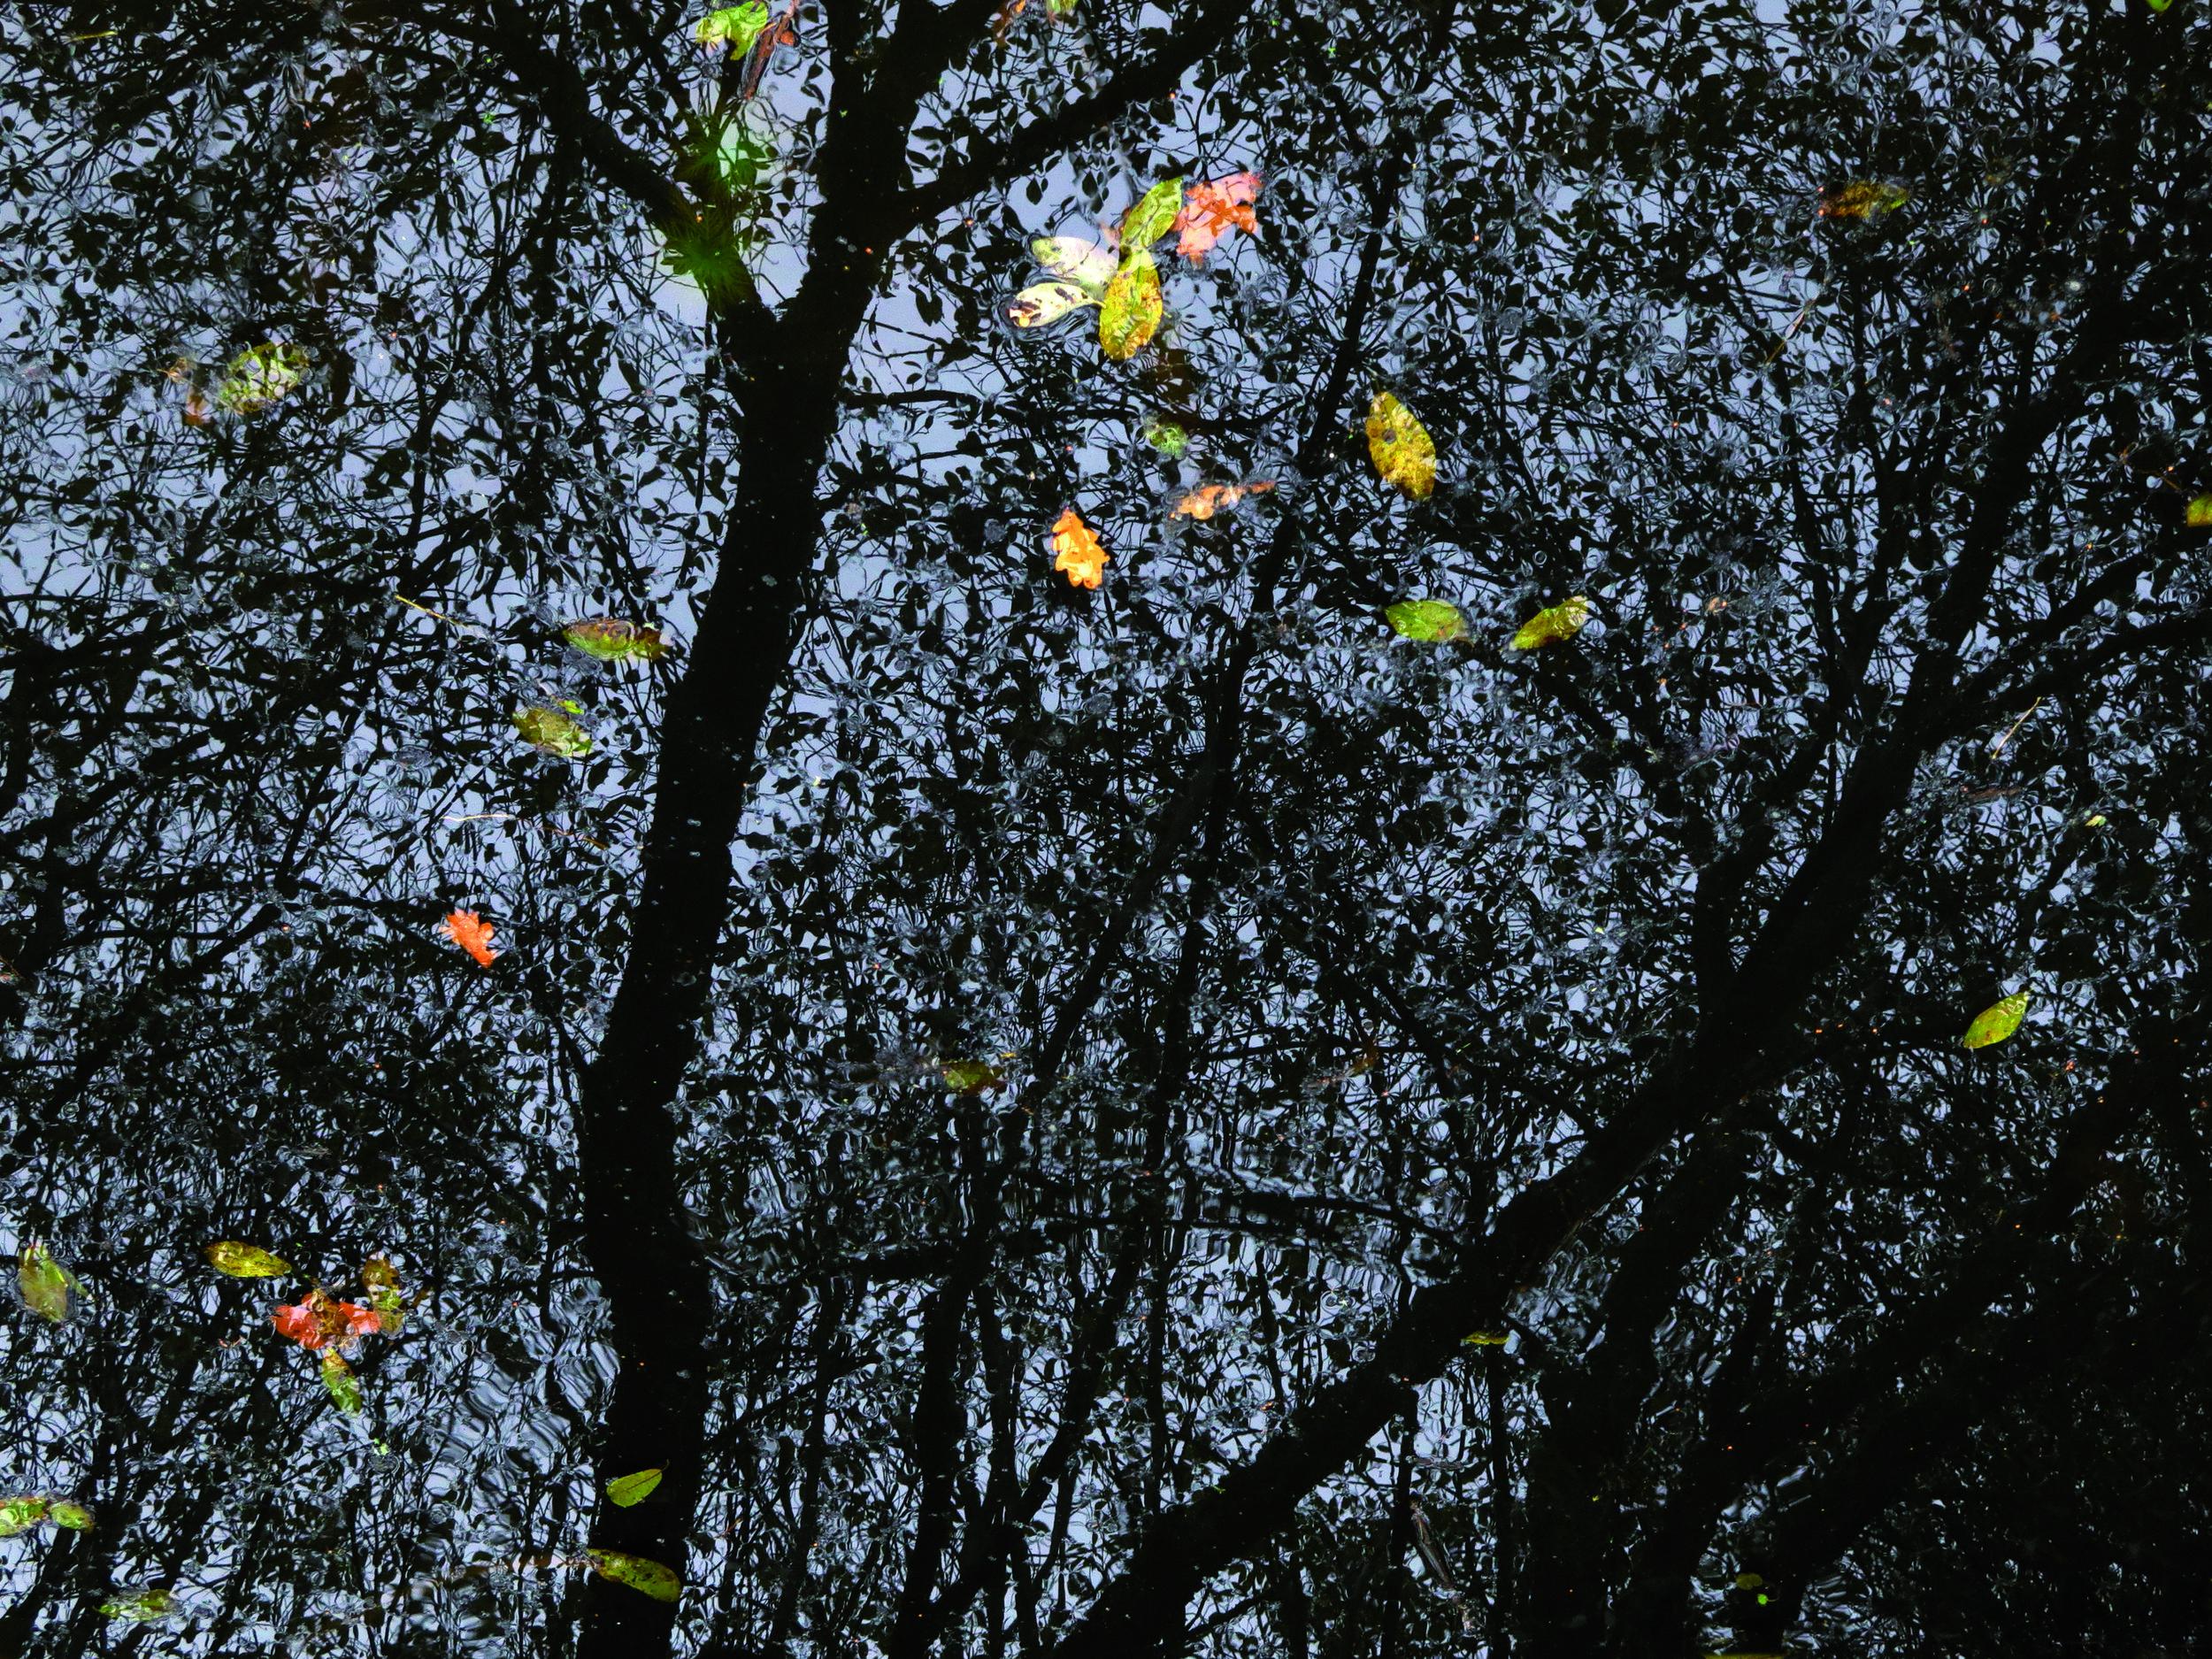 Hoofdstuk 8 - Kathleen Ramboer_arbres6_cmyk_hogeres.jpg